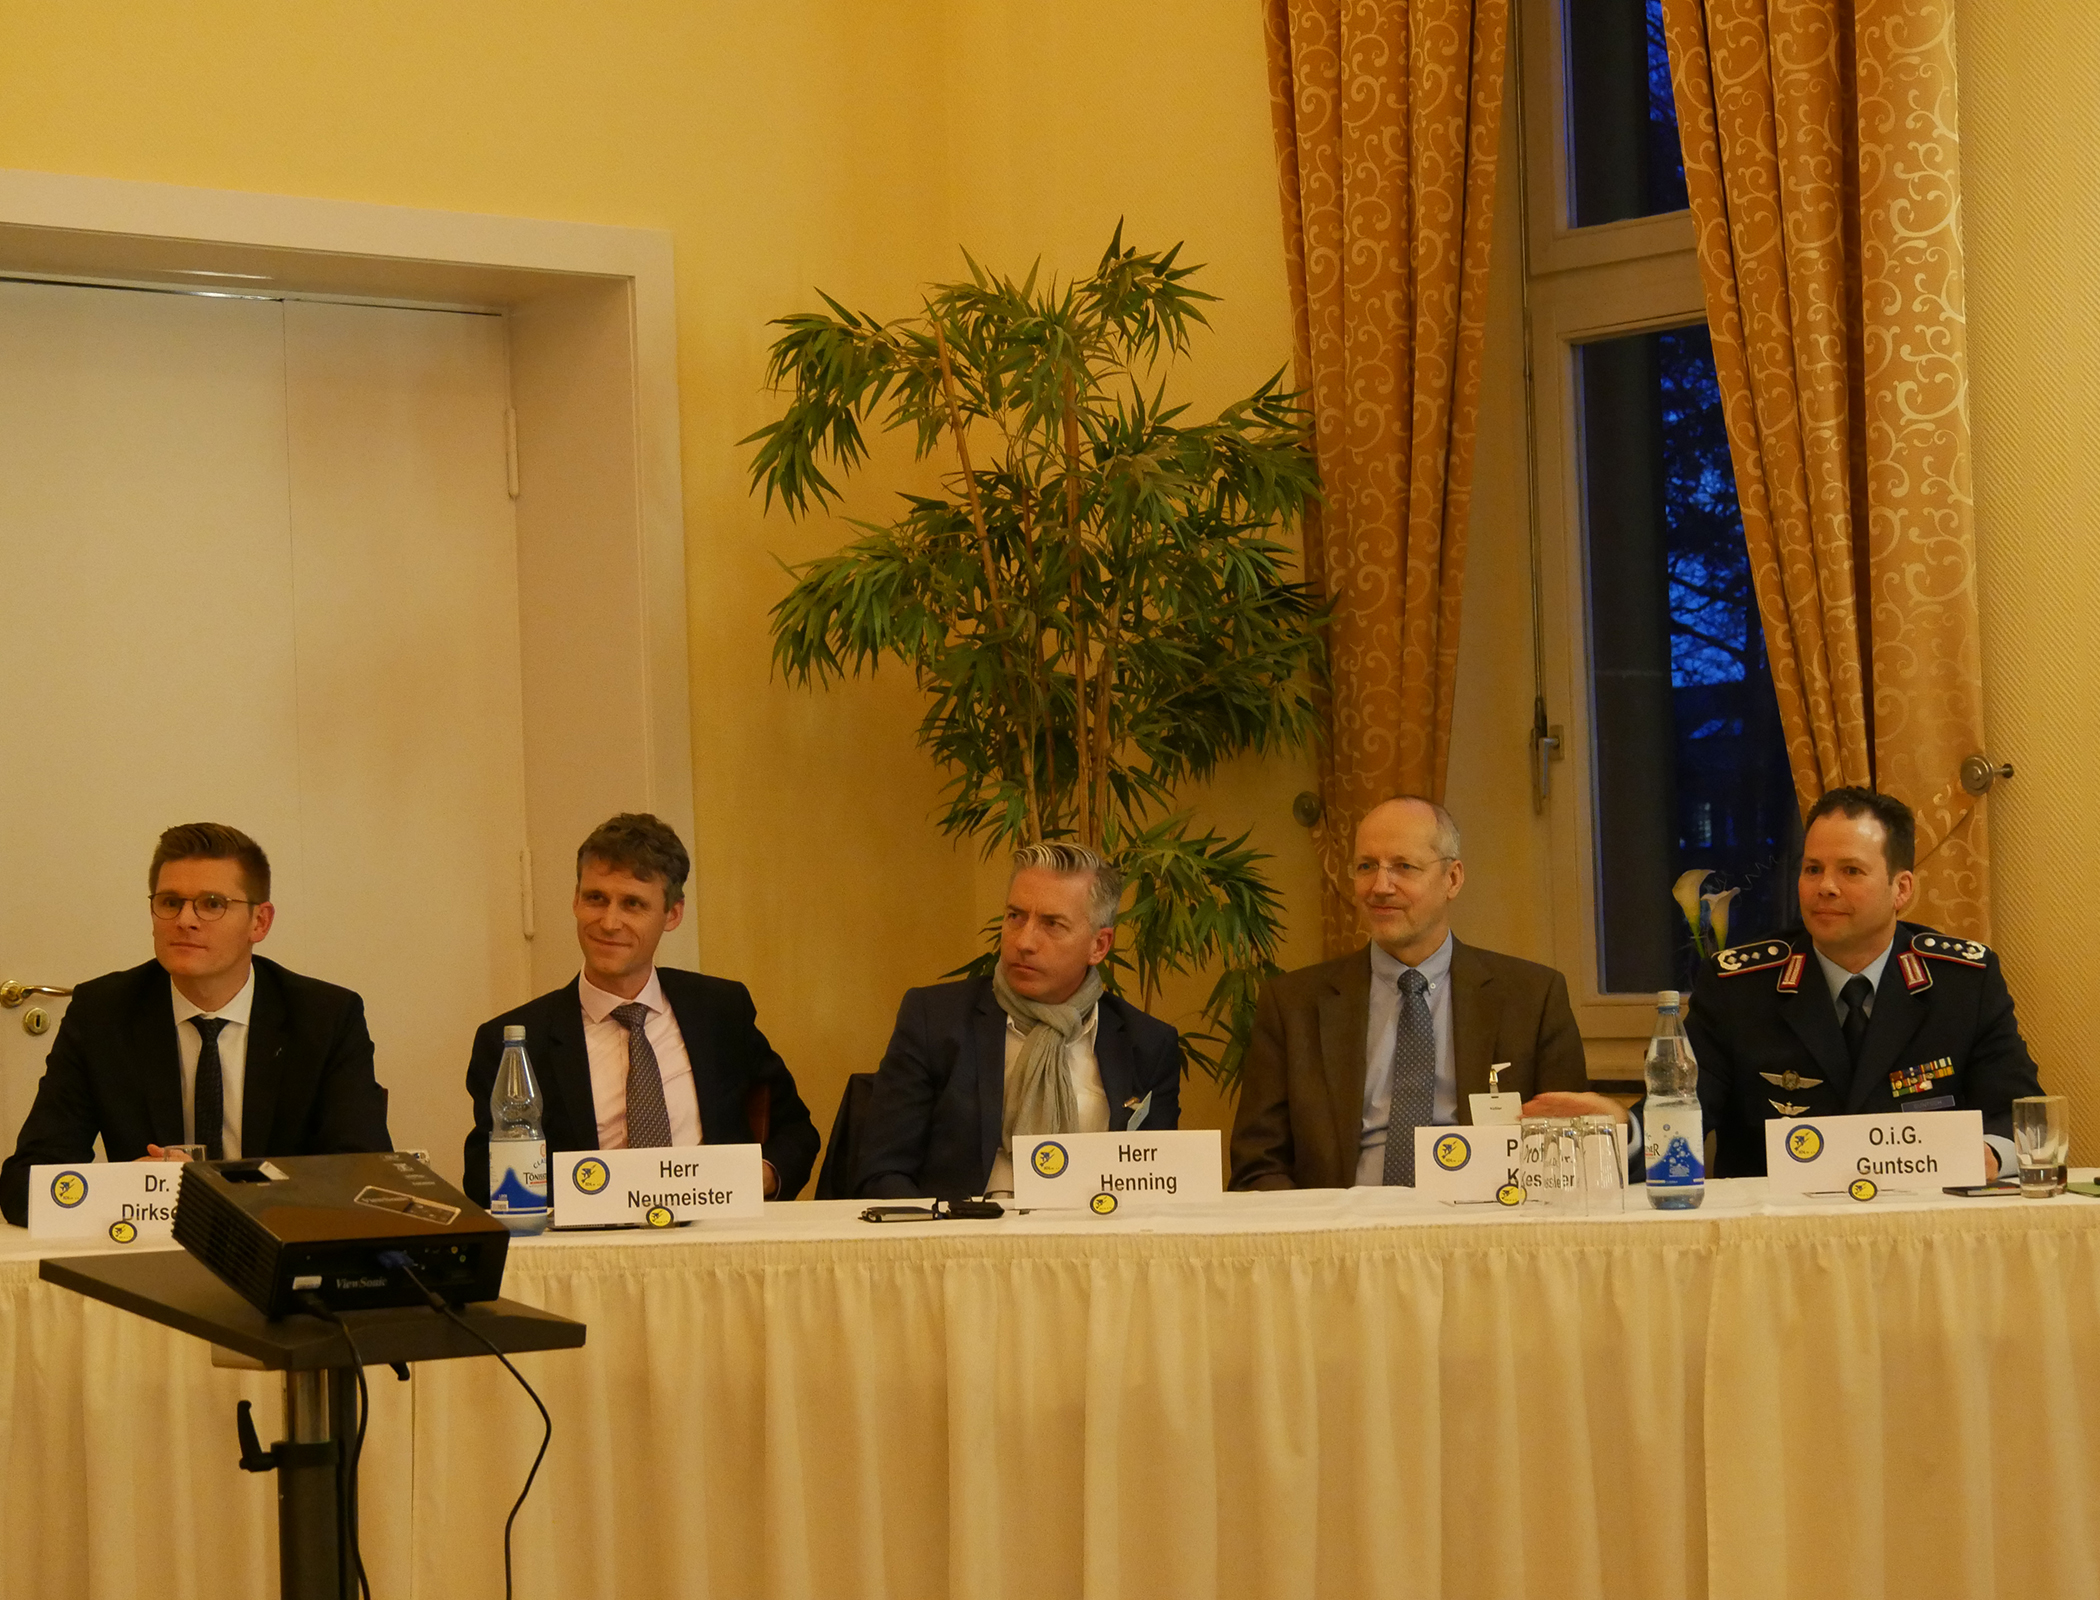 : In der abschließenden Gesprächsrunde stellten sich die Vortragenden den Fragen des Auditoriums.